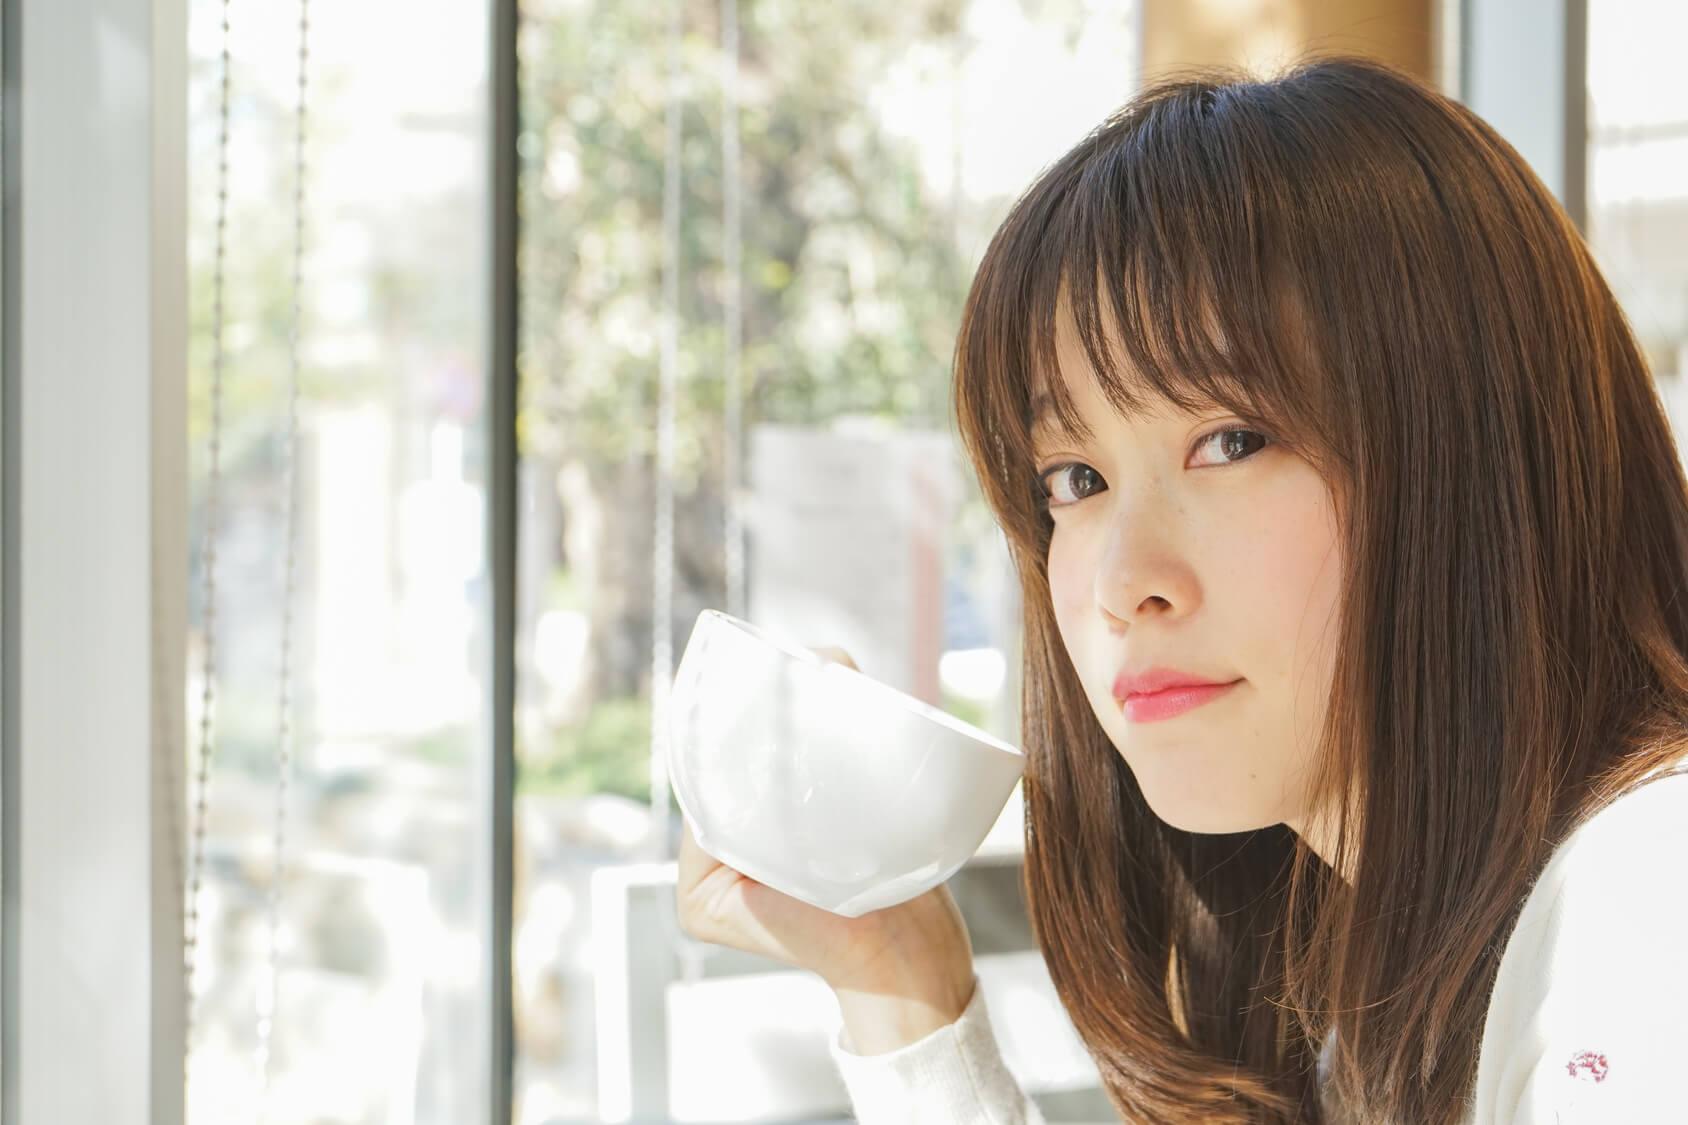 コーヒーカップと女性